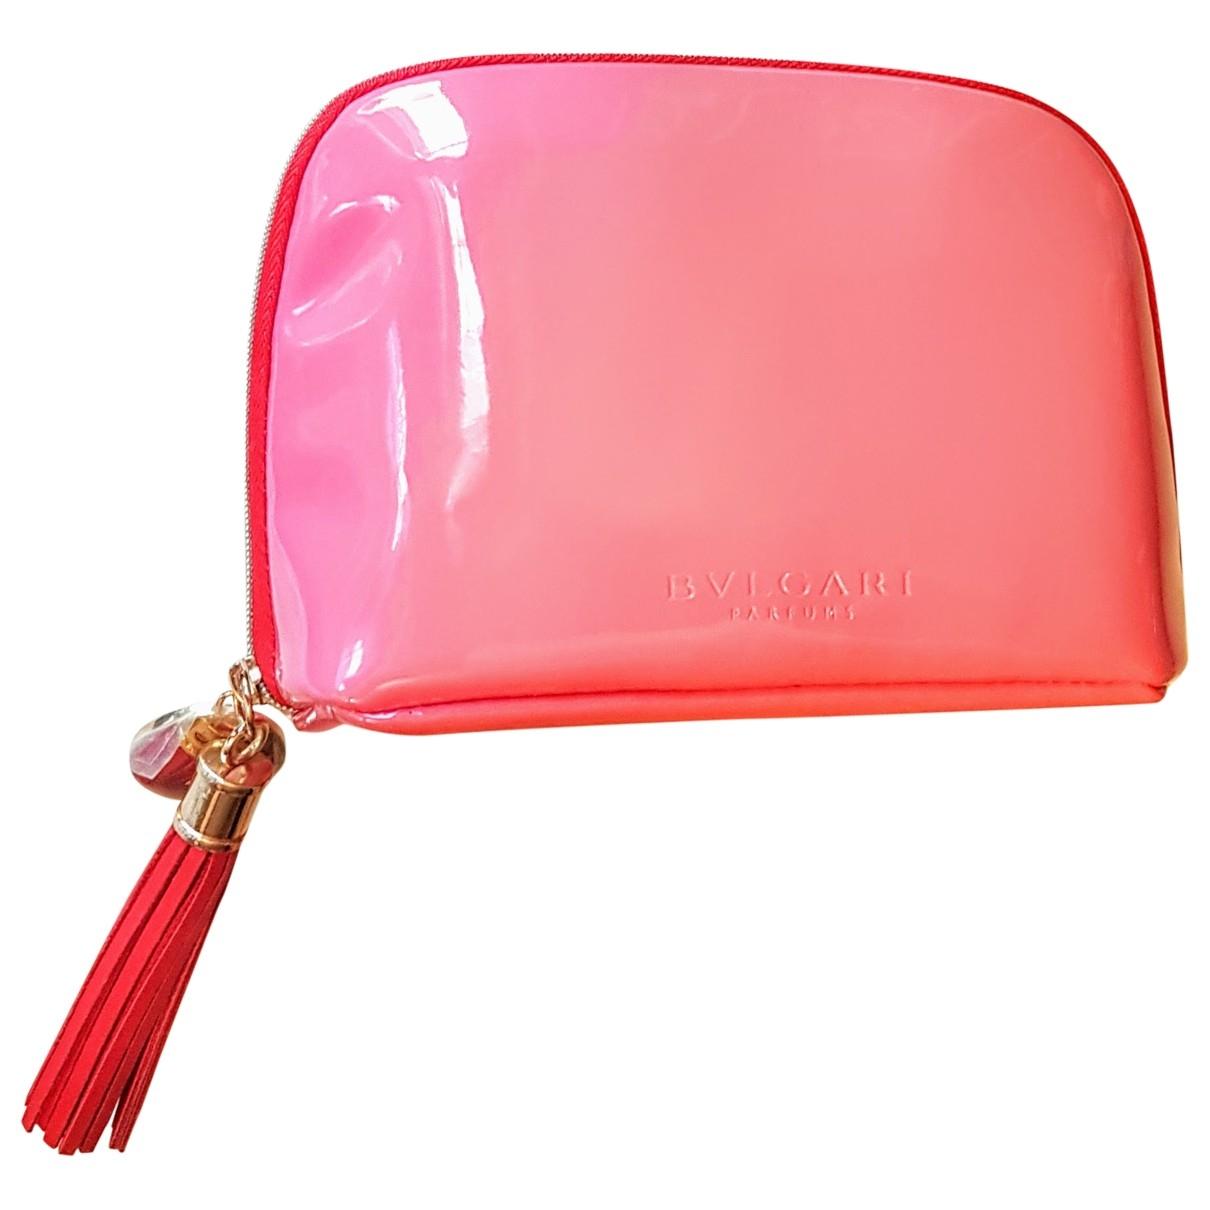 Bvlgari \N Pink Travel bag for Women \N